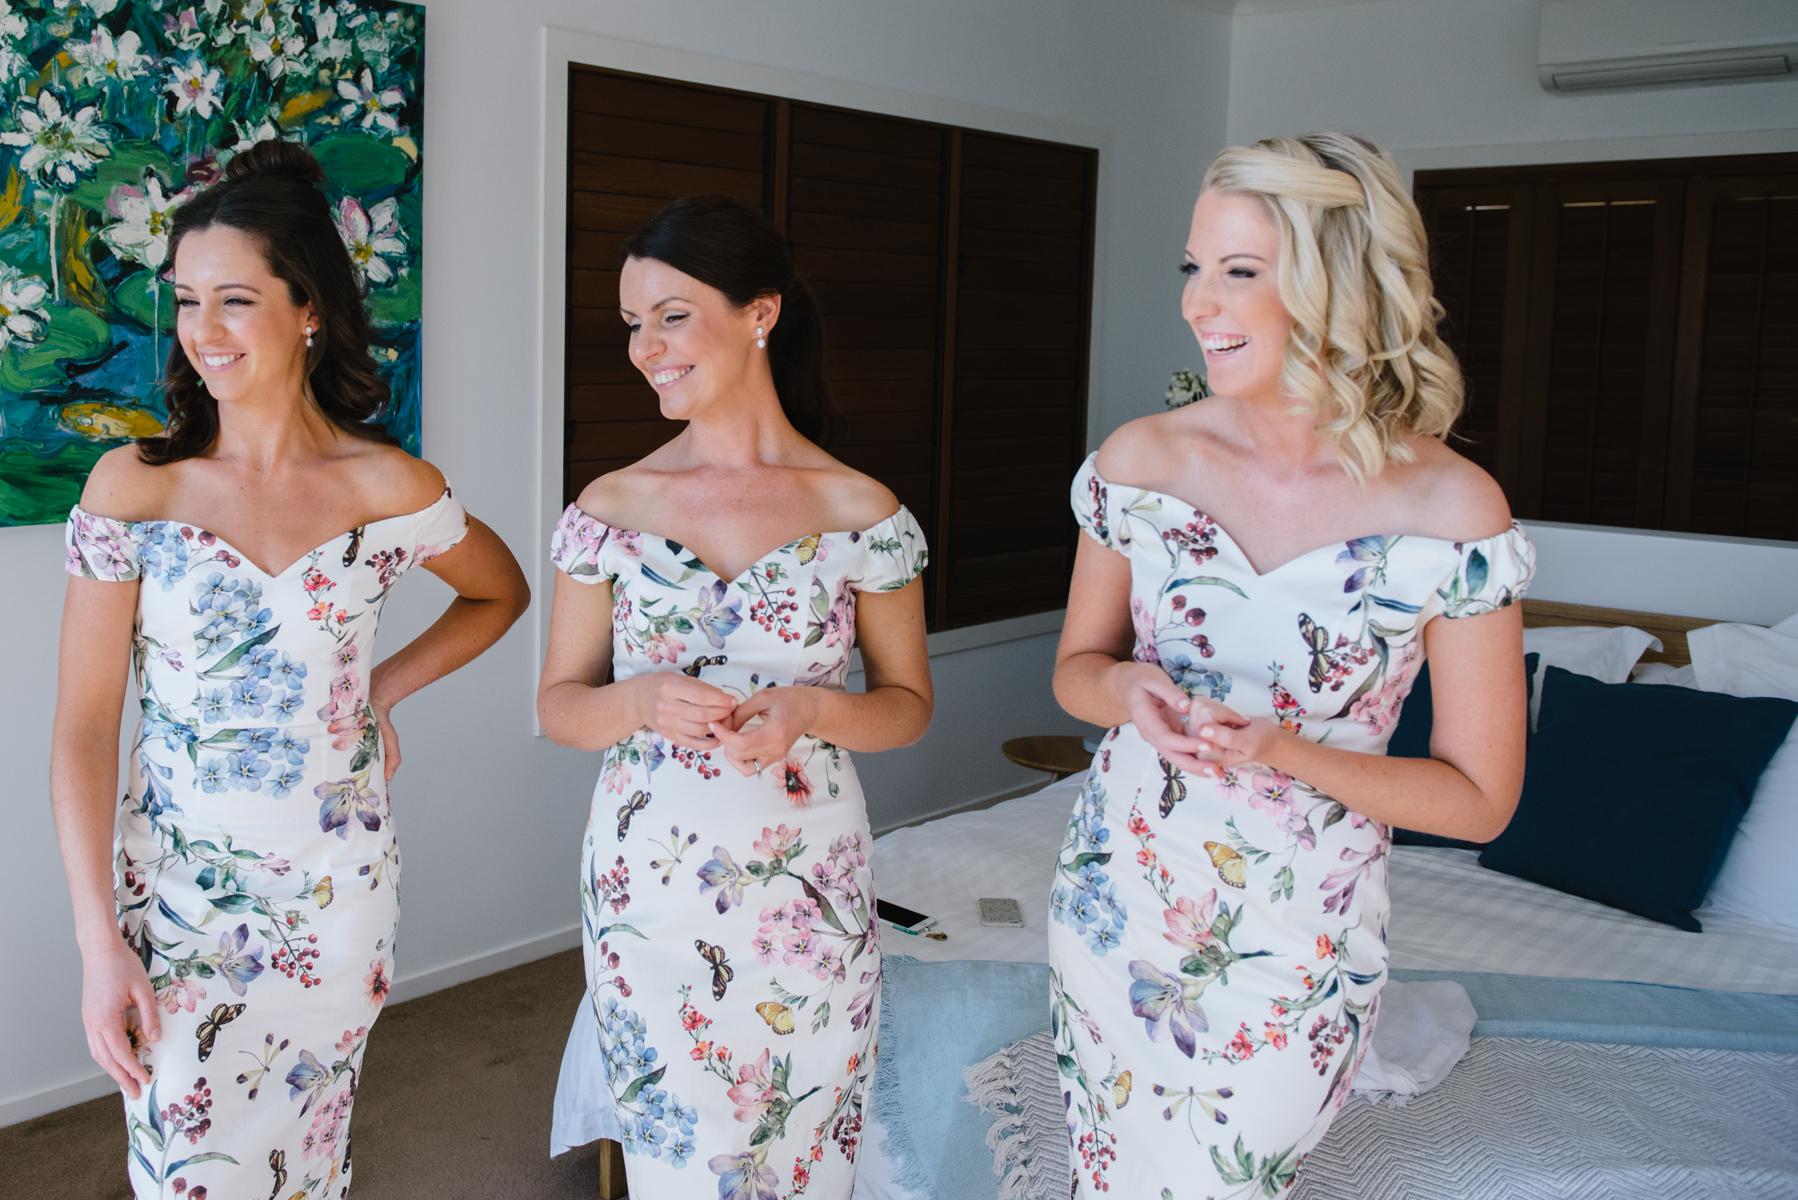 sarahandBenwedding- skyla sage photography weddings, families, byron bay,tweed coast,kingscliff,cabarita,gold coast-237.jpg